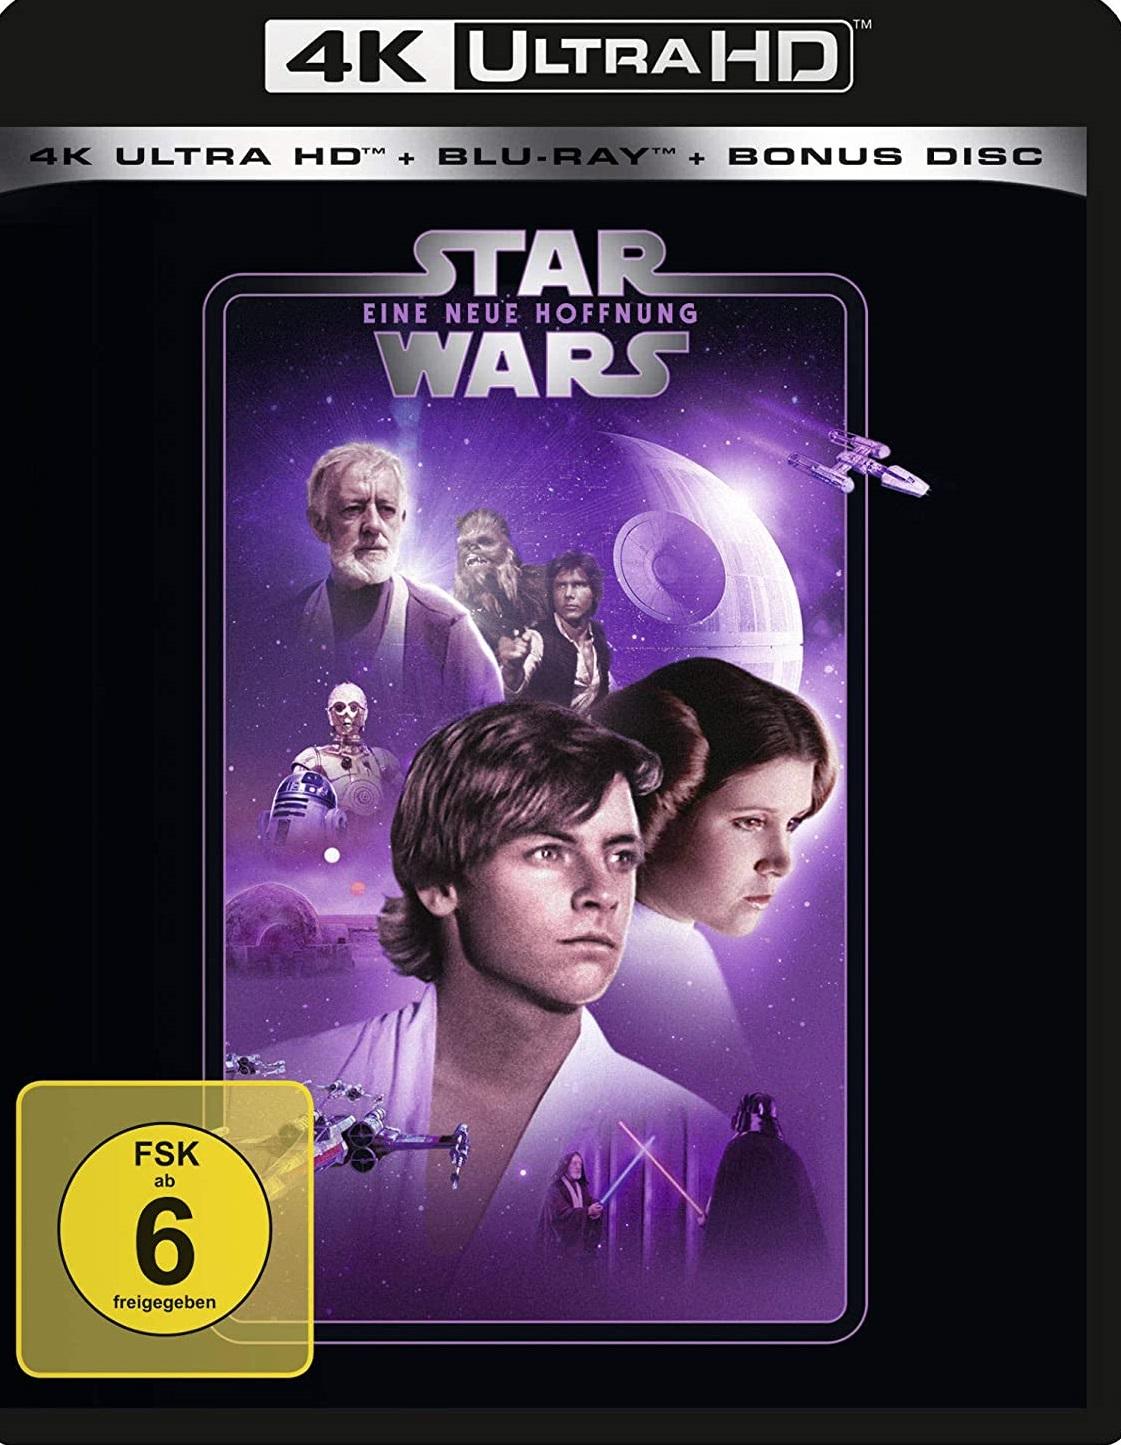 Star Wars Neue Hoffnung